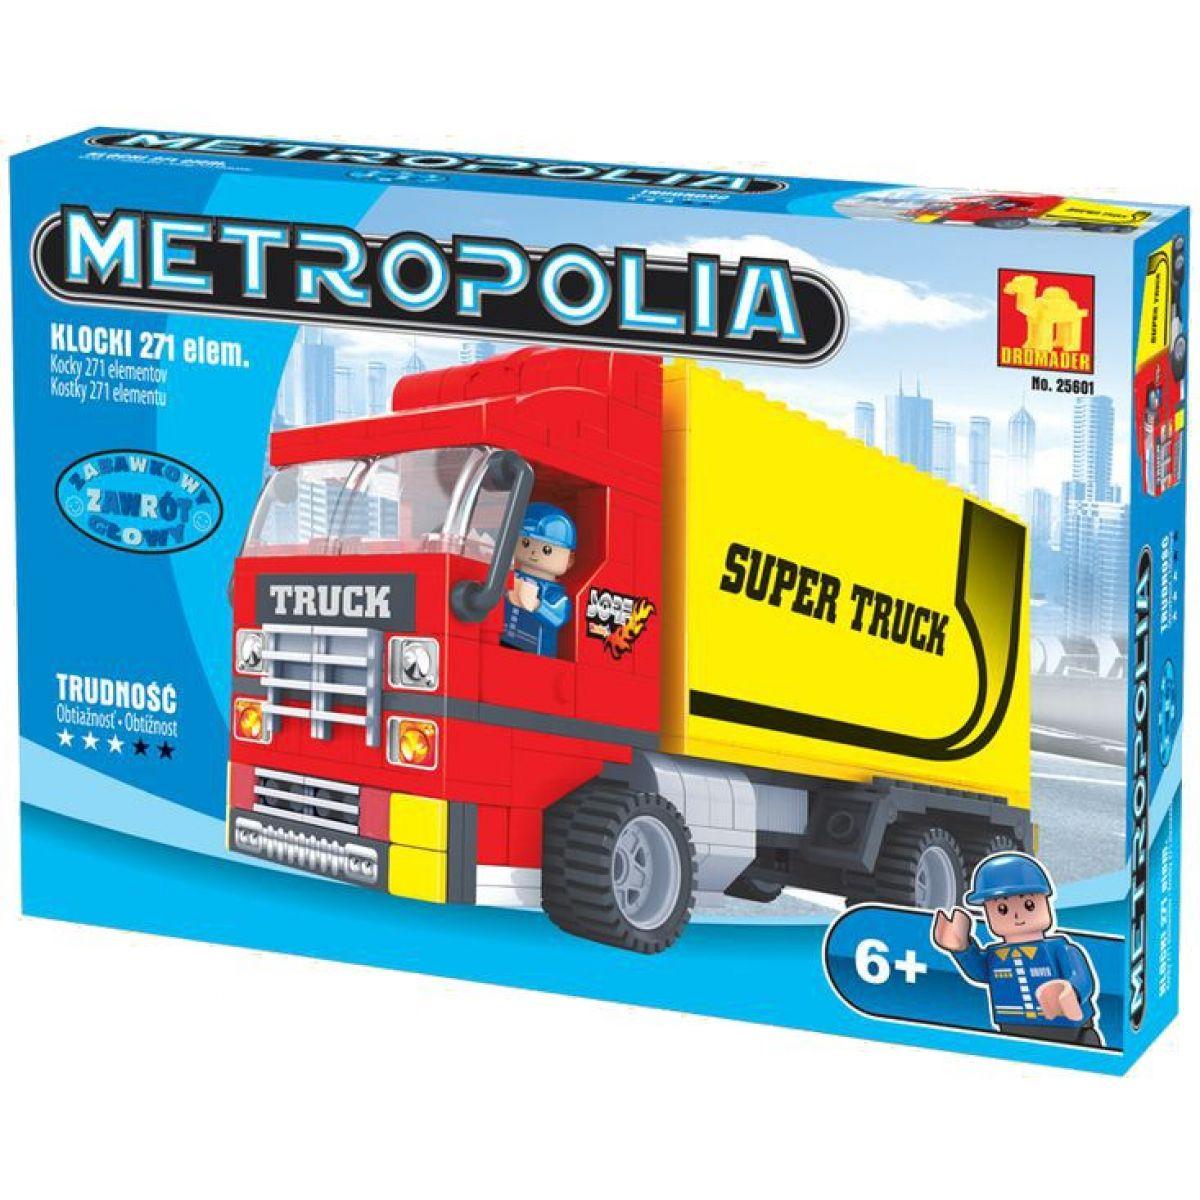 Dromader 25601 nákladní auto 271 dielikov